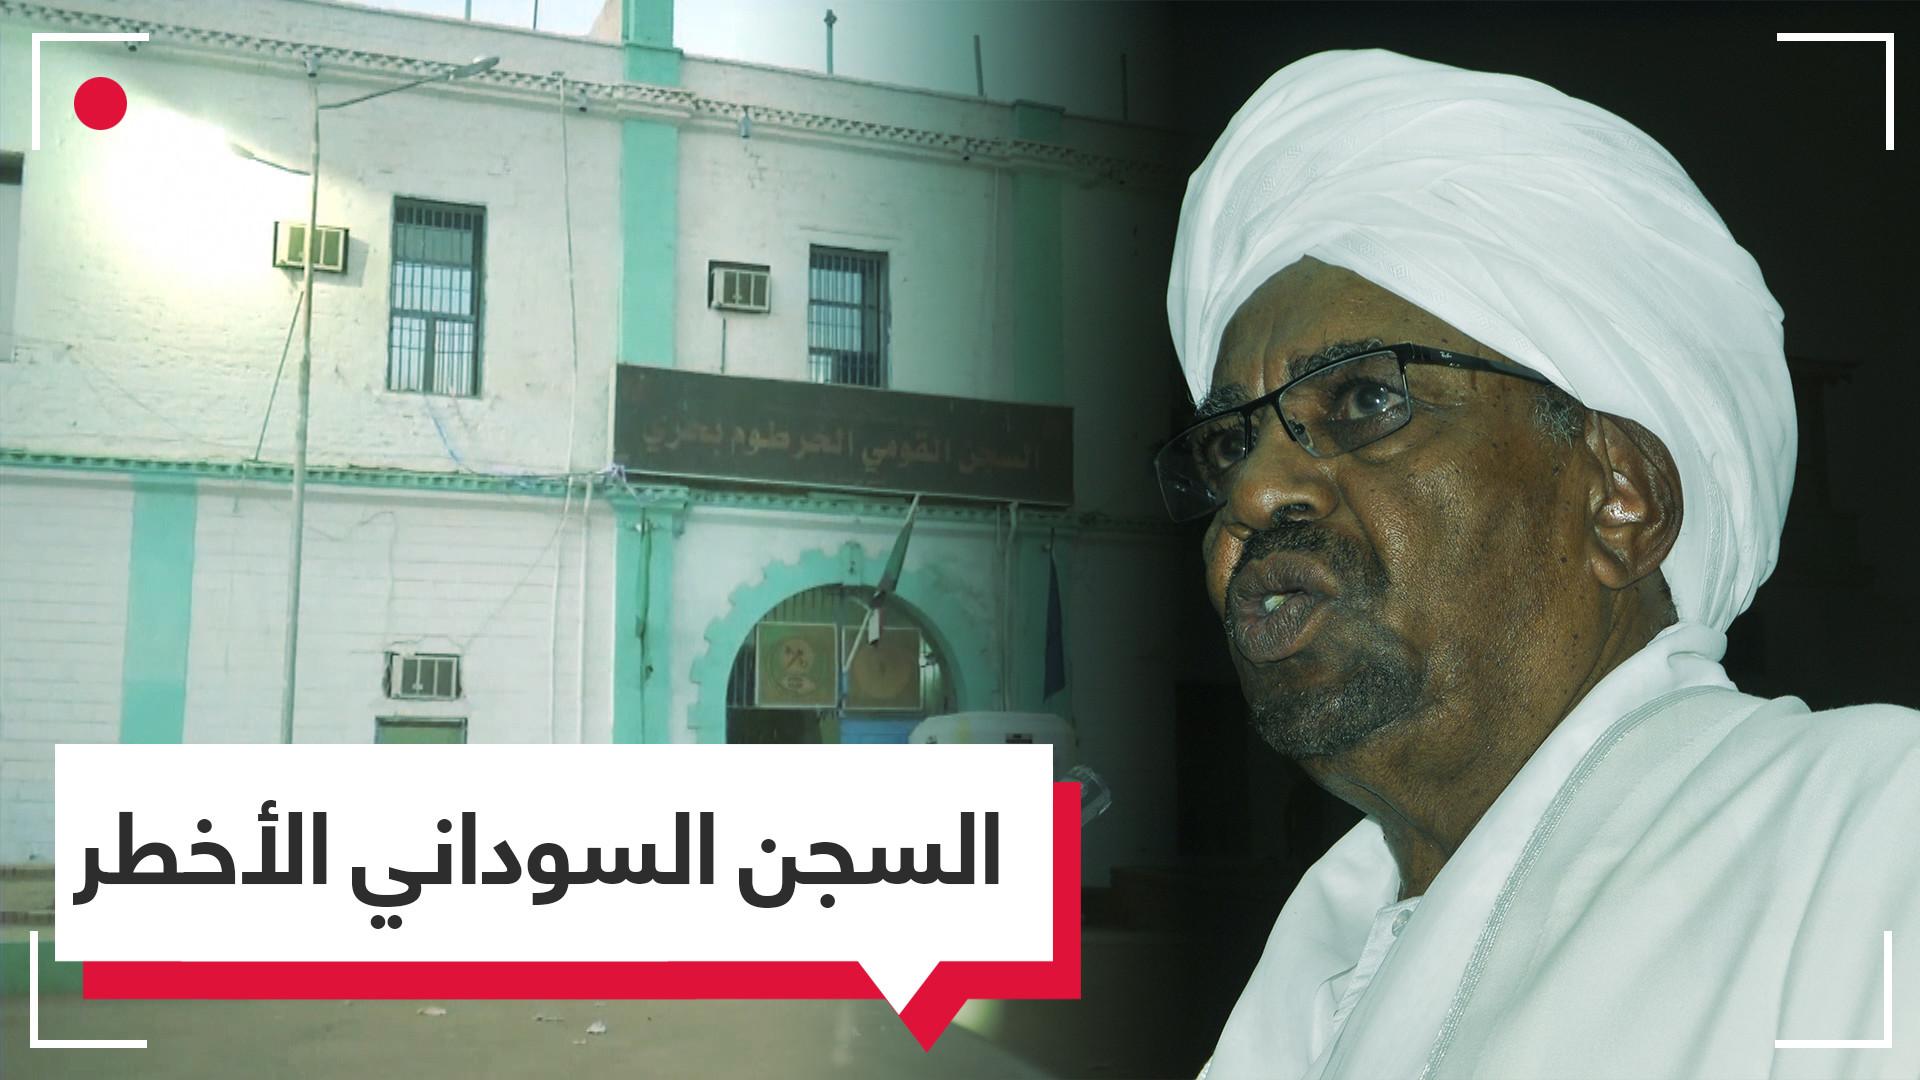 """موقع لعمليات الإعدام.. حكاية سجن """"كوبر"""" الأخطر في السودان حيث يحتجز البشير؟"""